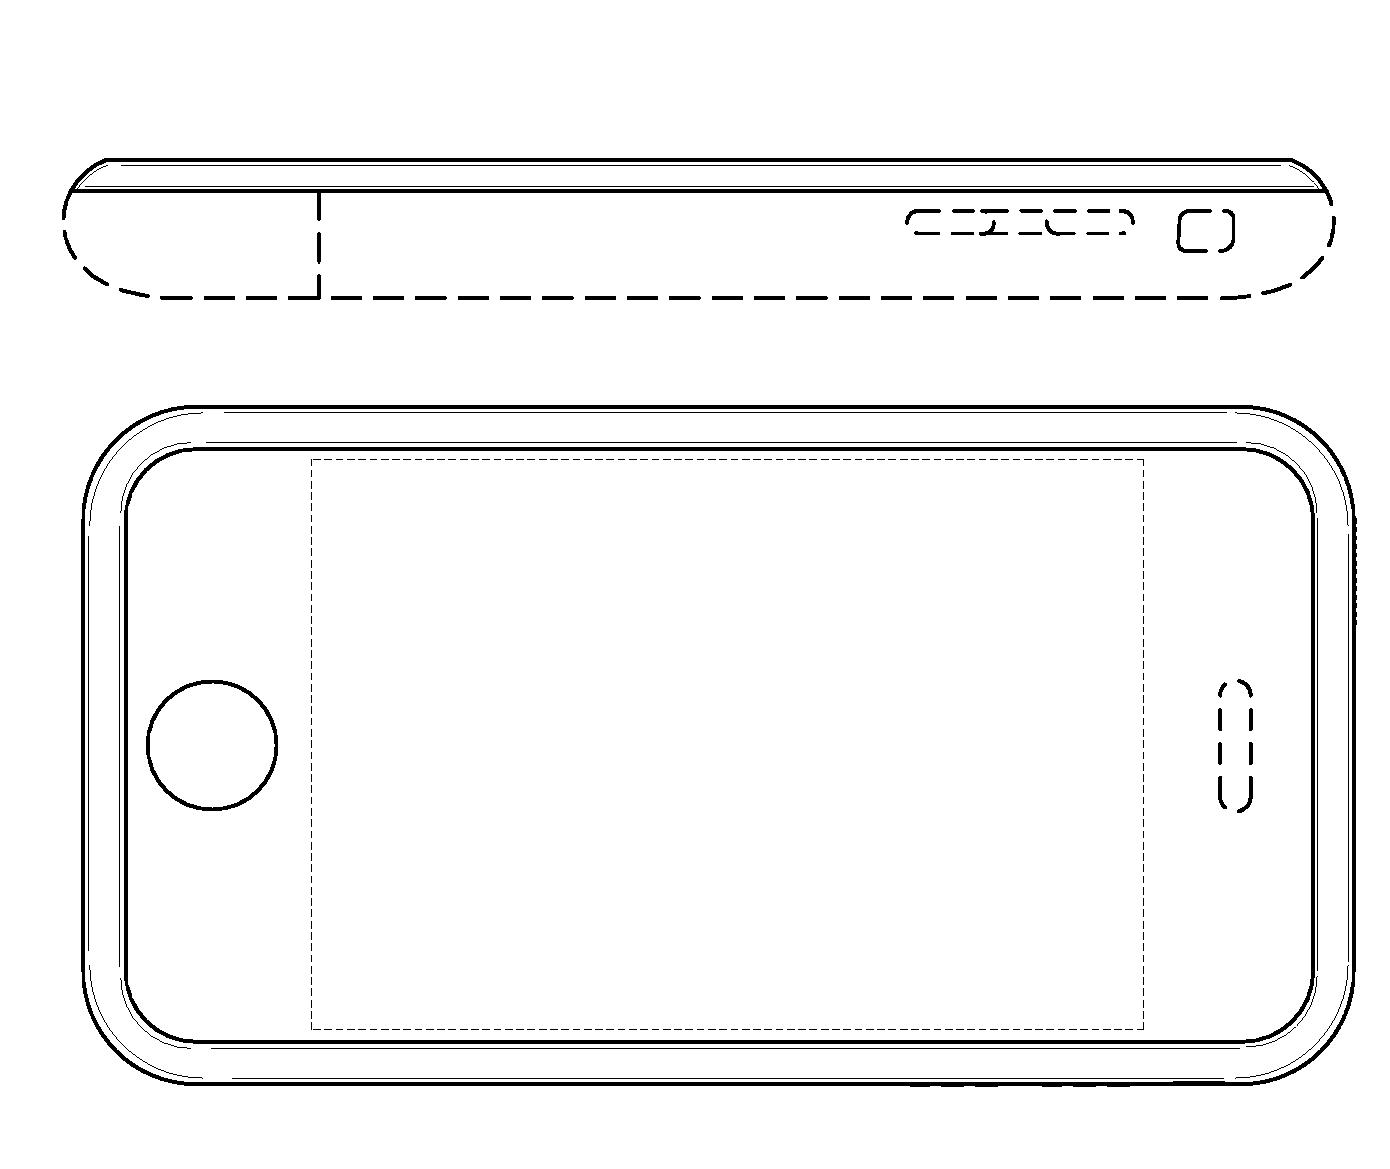 iphonedesignpatentimage